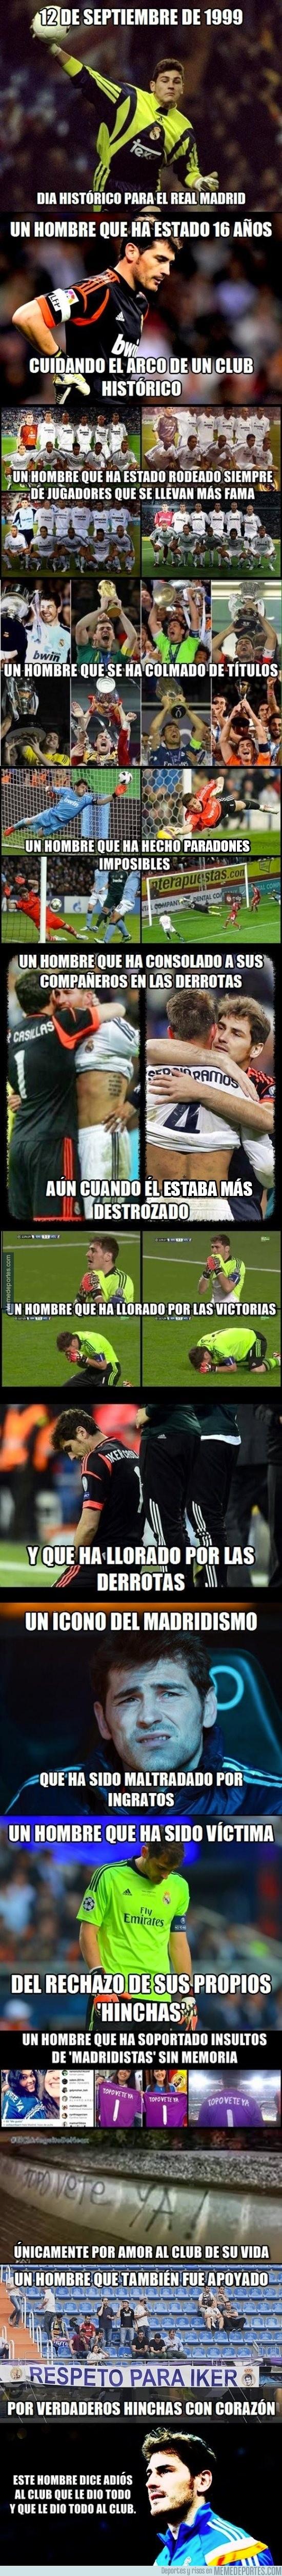 619141 - Iker Casillas, un hombre de corazón blanco